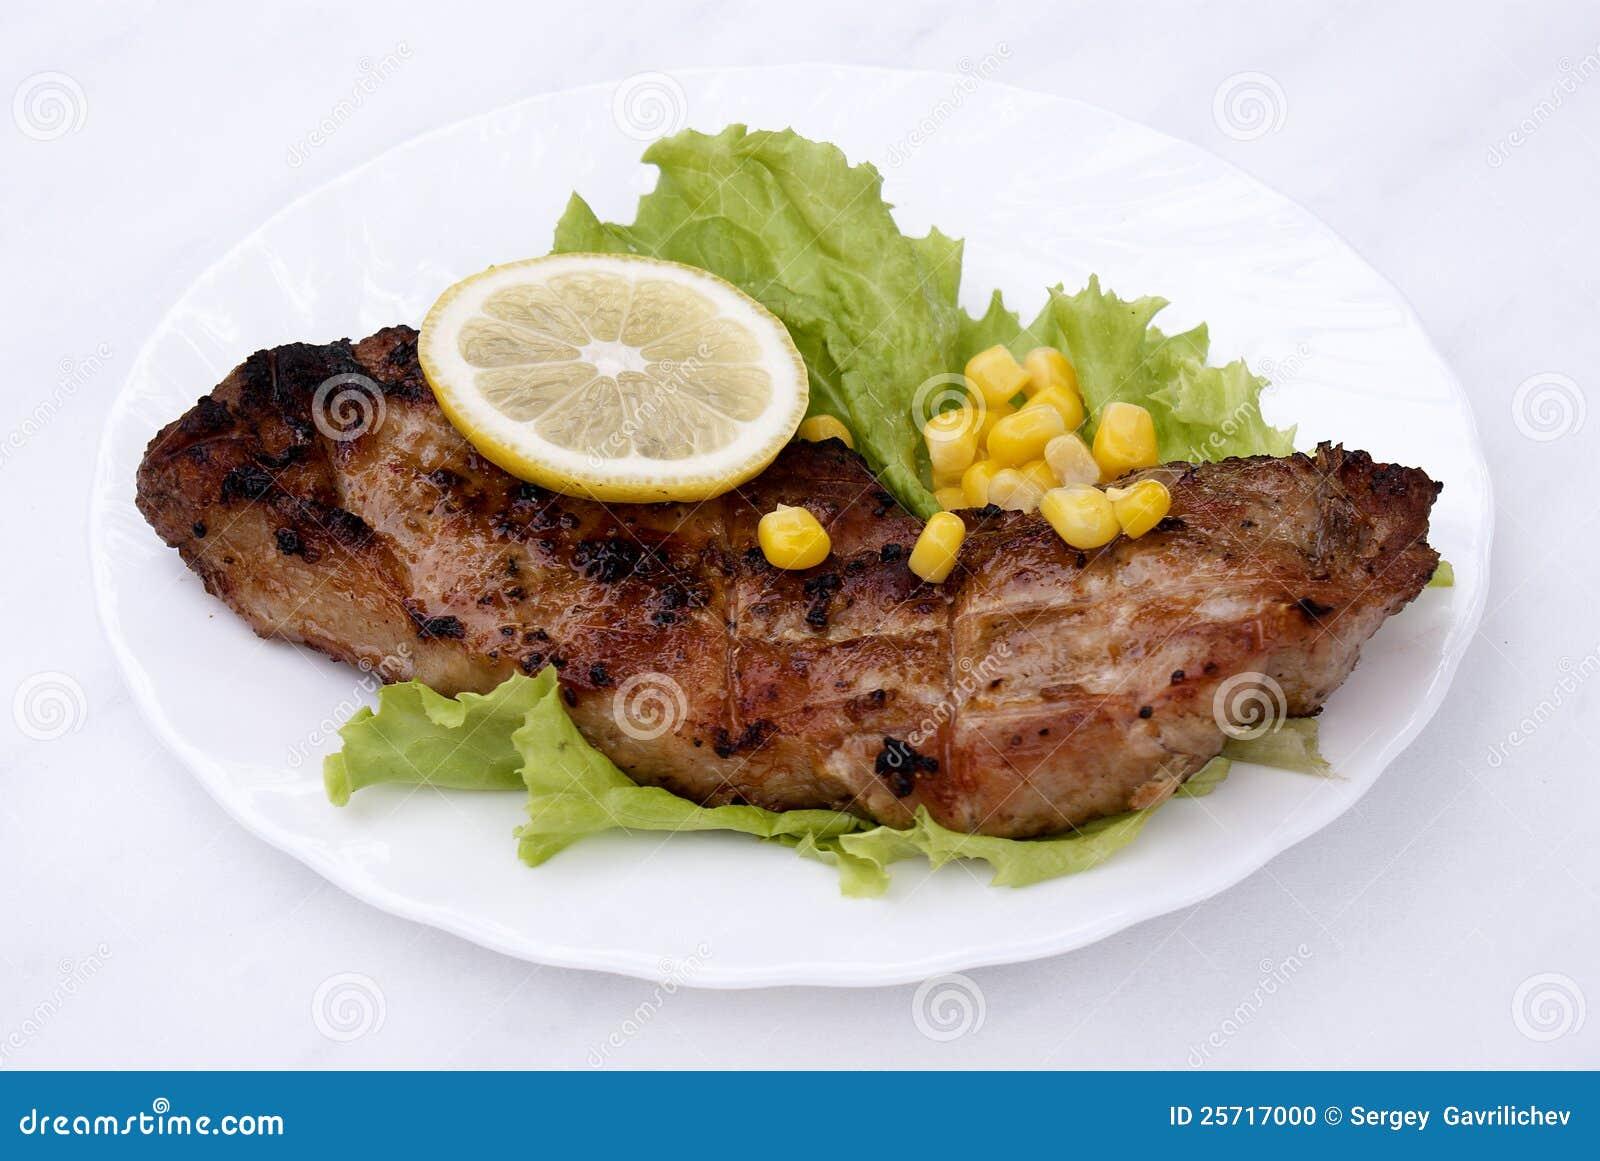 Appetizing juicy fried meat